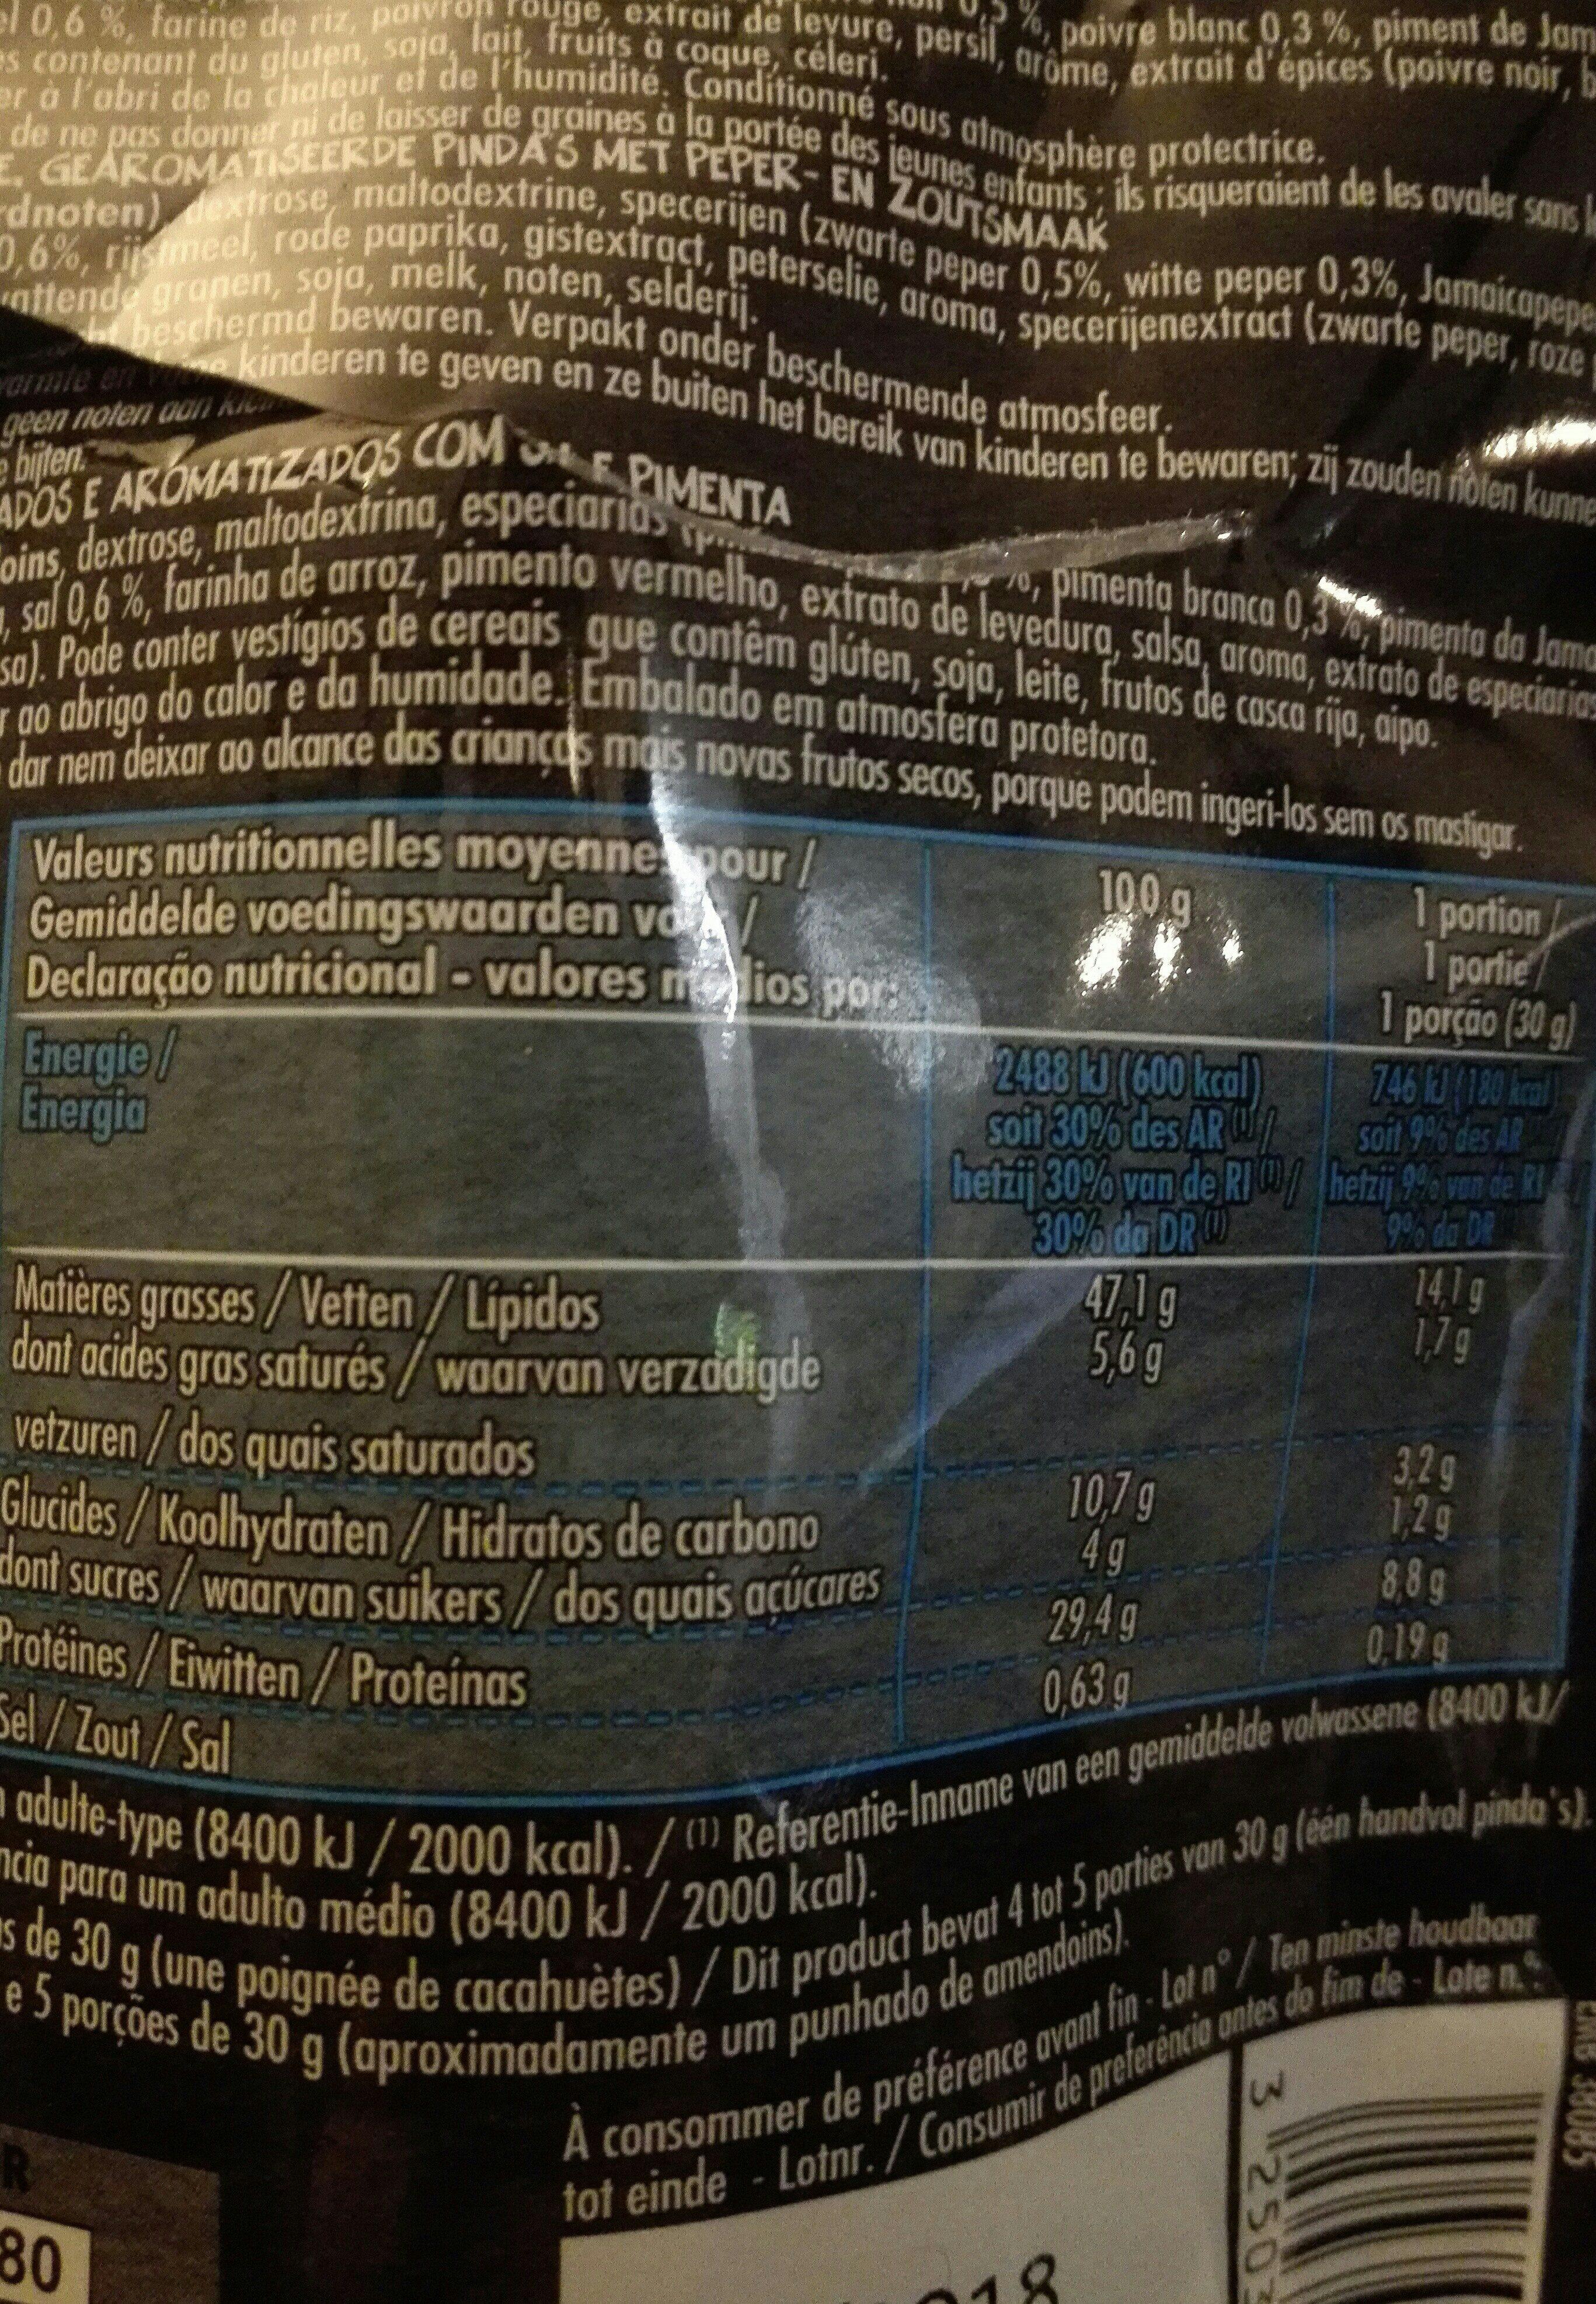 Cacahuète grillées à sec saveur sel et poivre - Ingredients - en